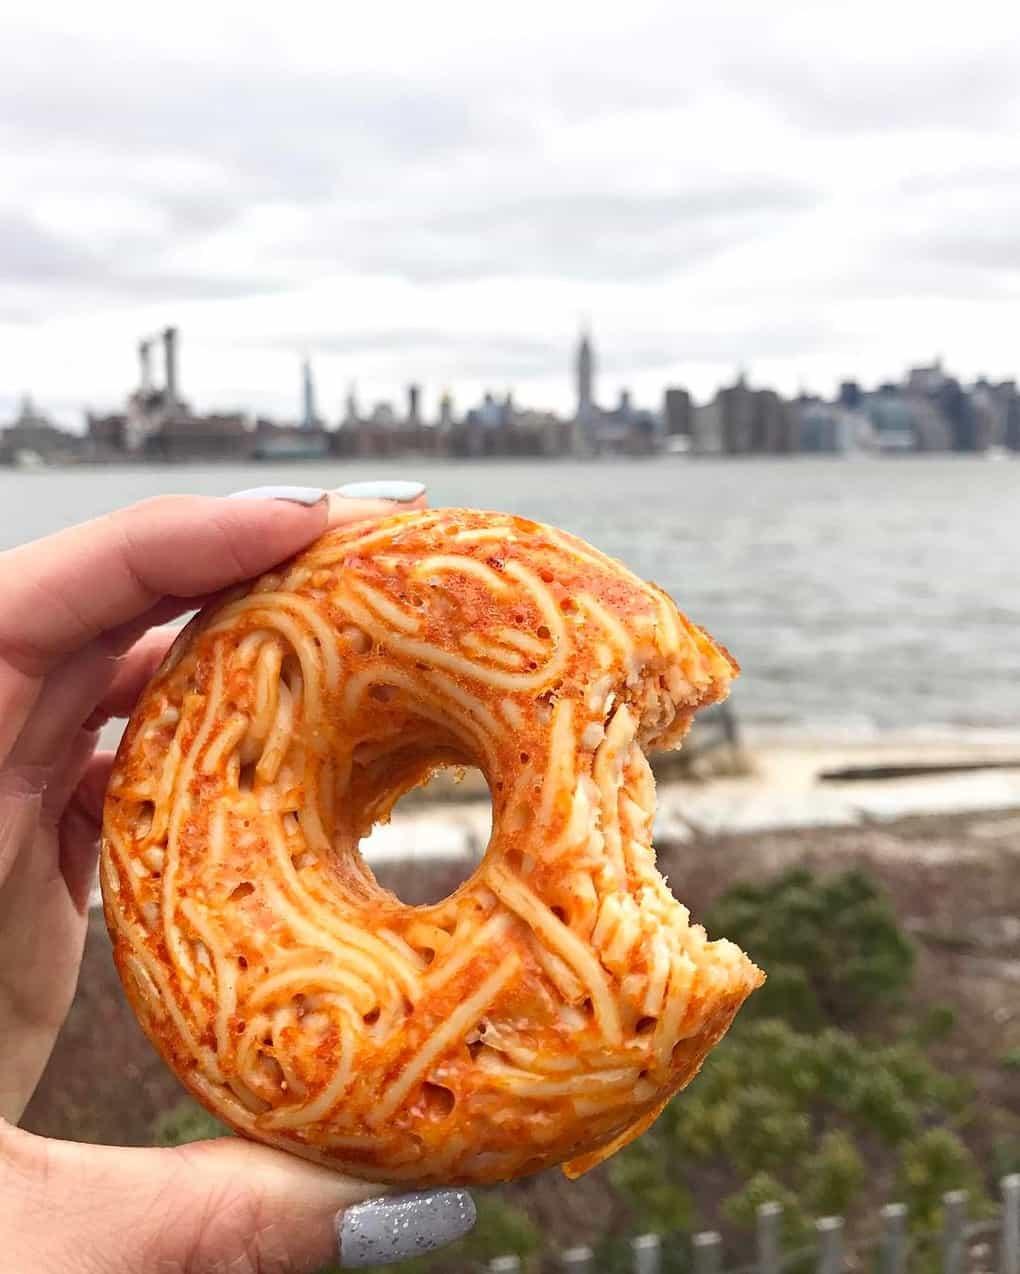 26 фото, которые наглядно показывают, как выглядит еда хипстера и еда здорового человека